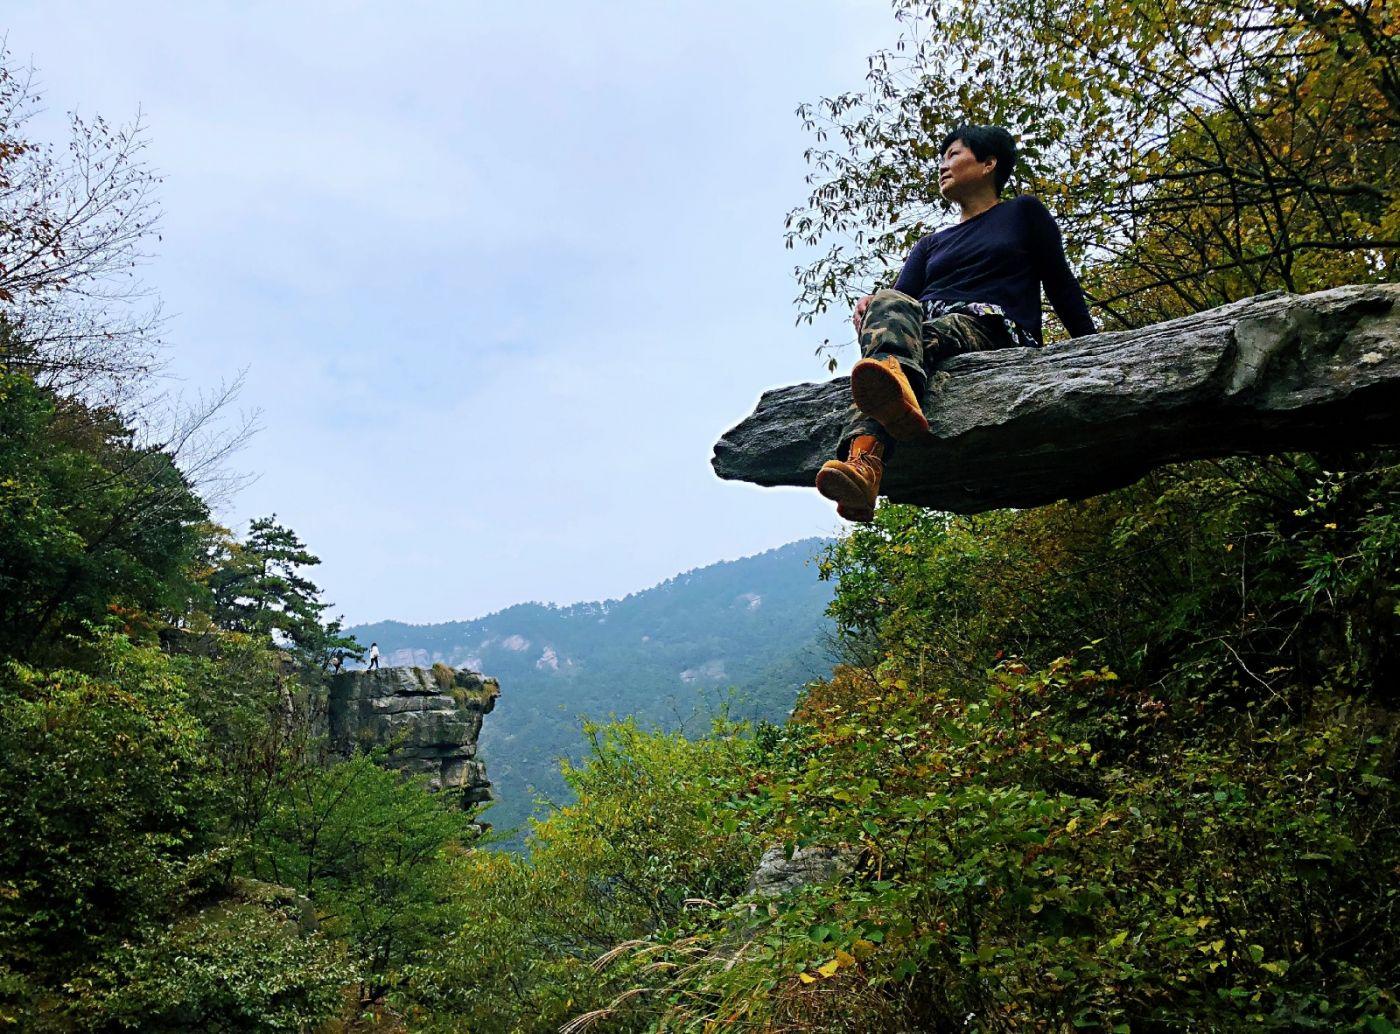 【田螺随拍】秋色庐山-手机版_图1-24